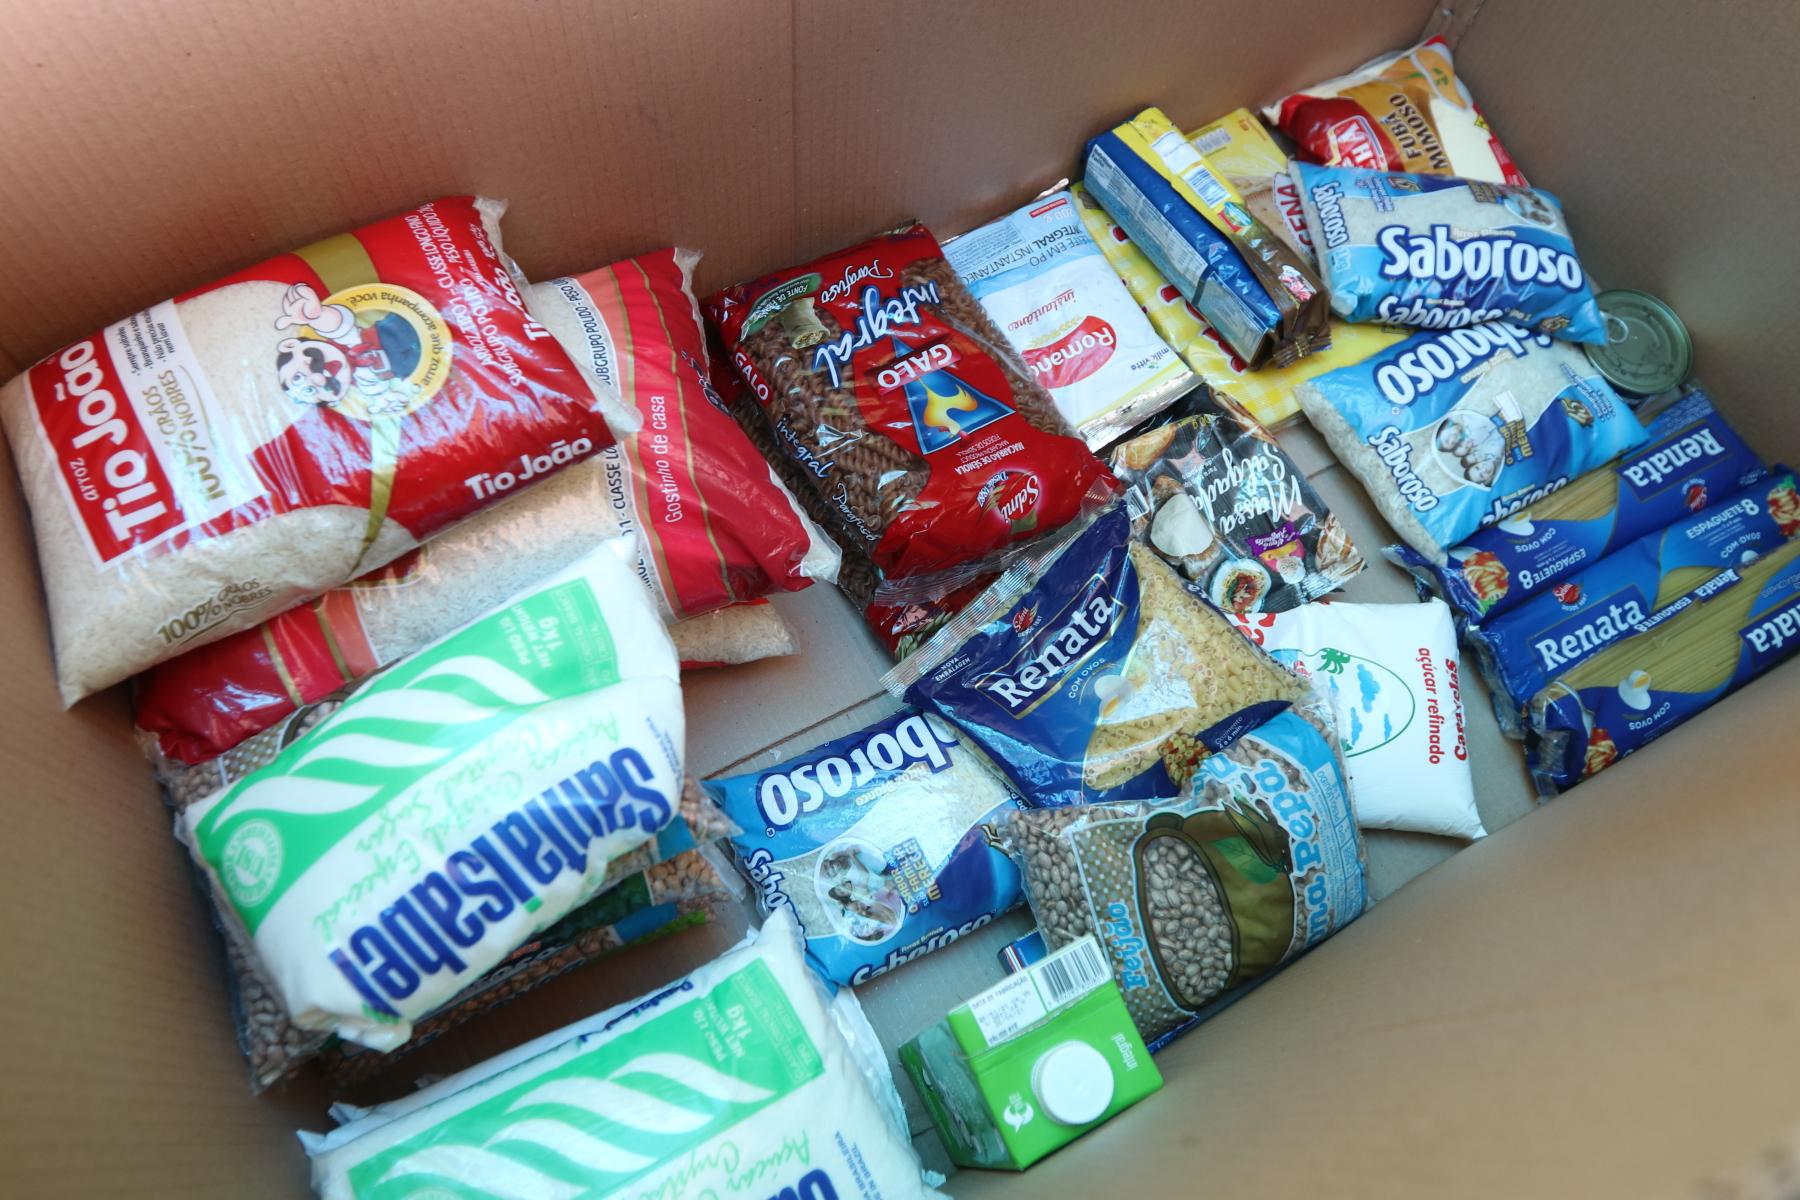 Vacina Contra a Fome: mais de 1,5 tonelada de alimentos foi arrecadada na primeira semana da campanha em Jacareí